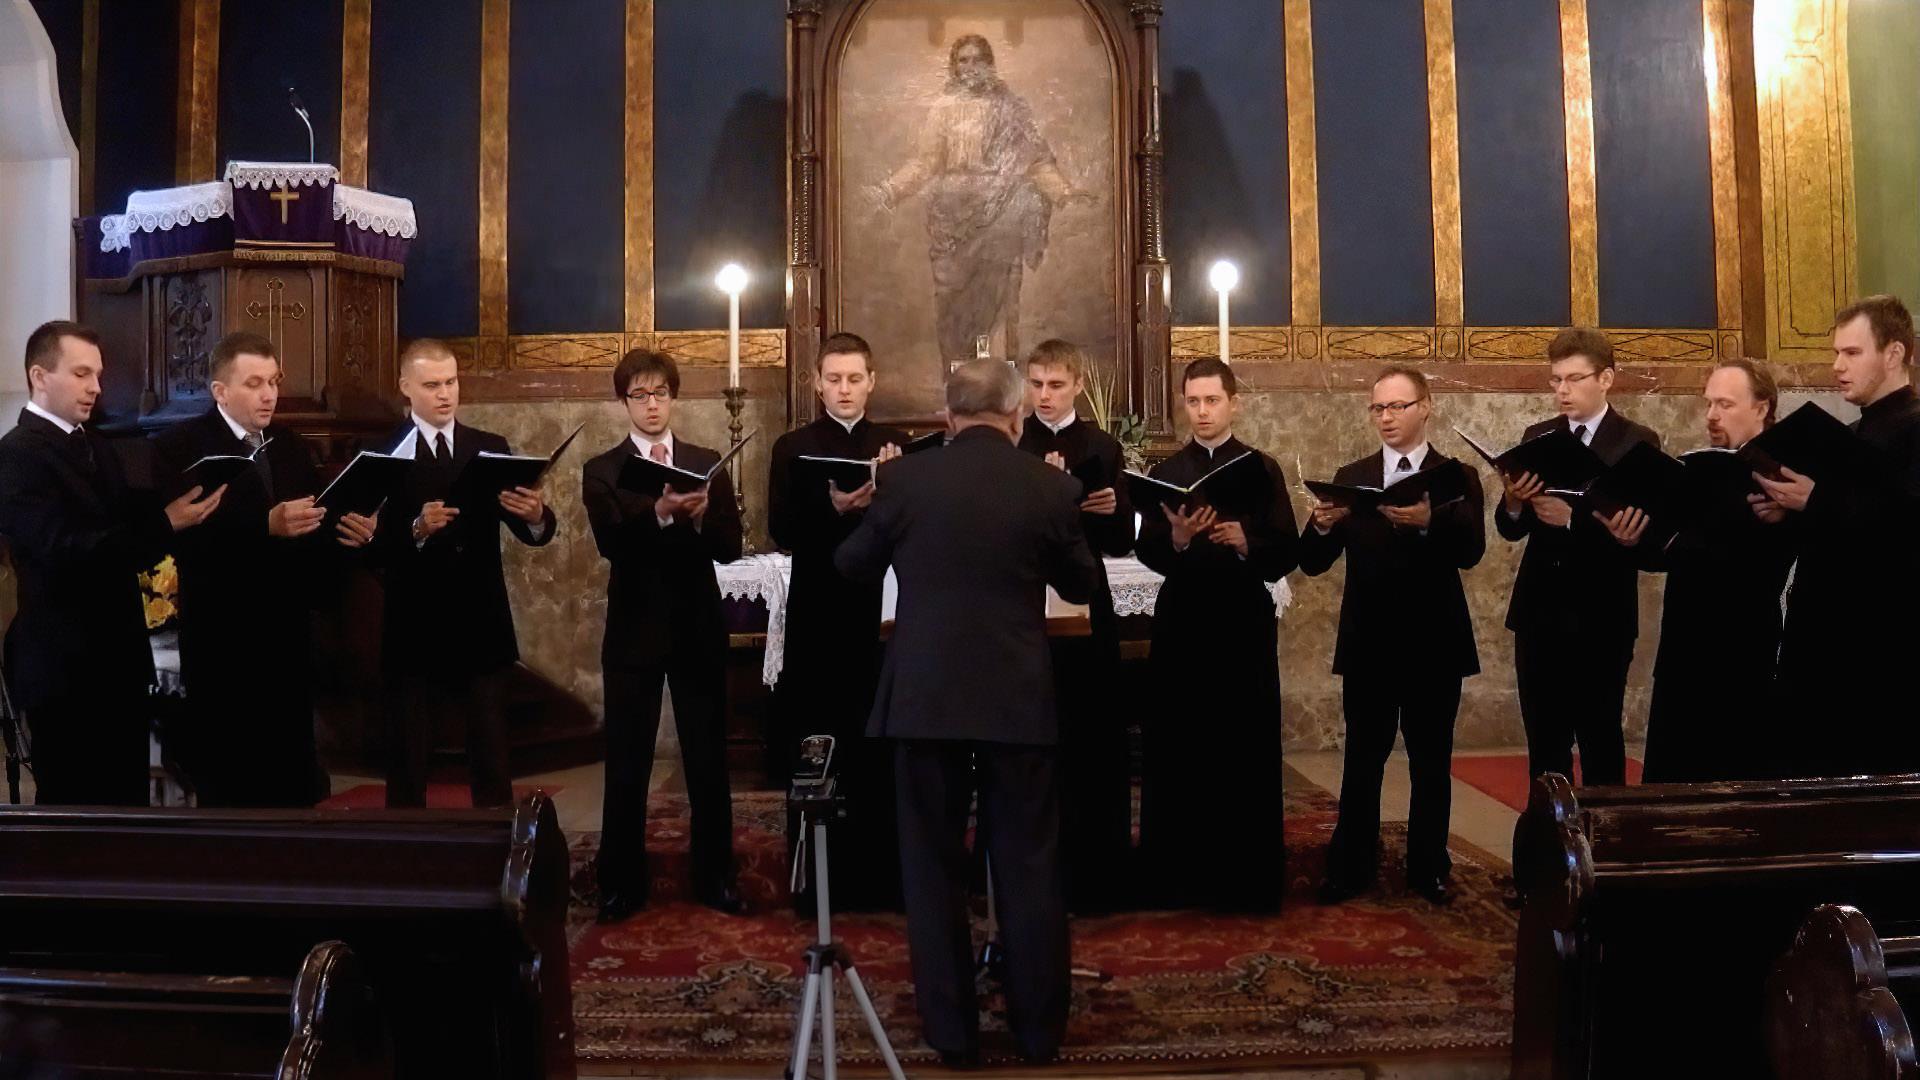 Kameralny Chór Męski Chrześcijańskiej Akademii Teologicznej w Warszawie